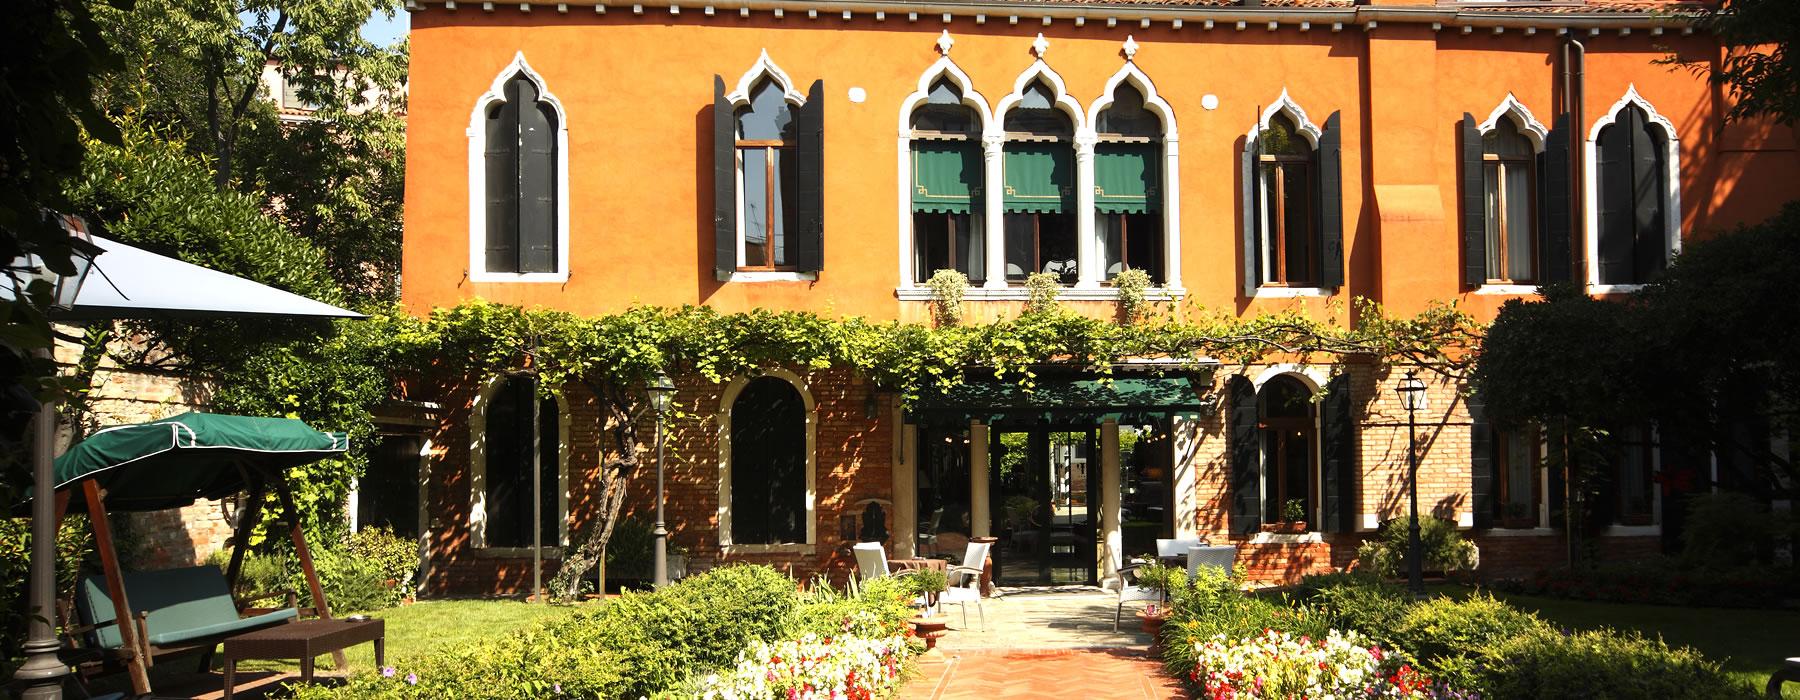 Venice Hotel Pensione Accademia Venezia